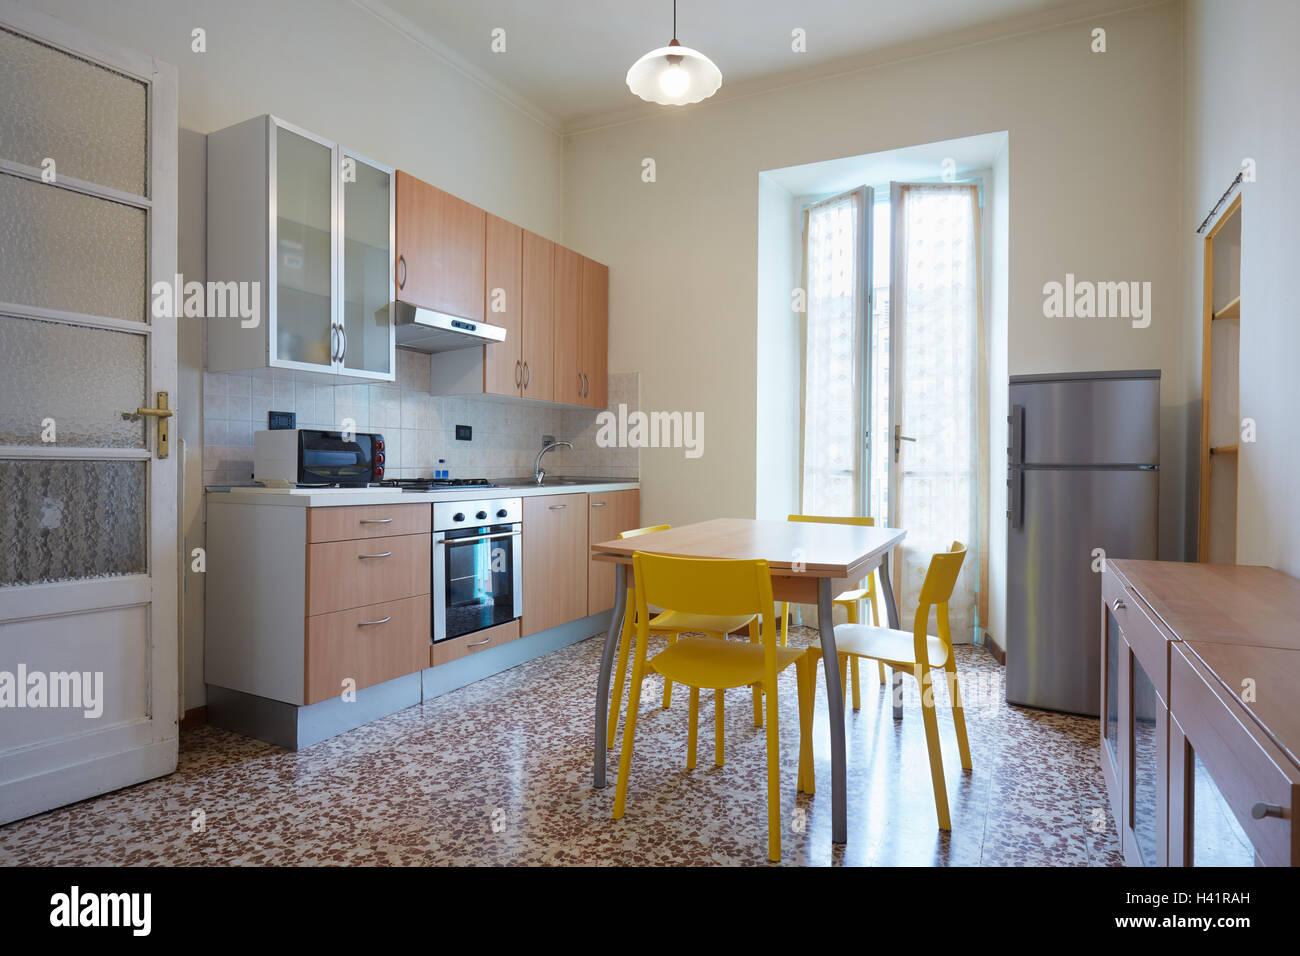 Cuisine simple en intérieur appartement normal Photo Stock